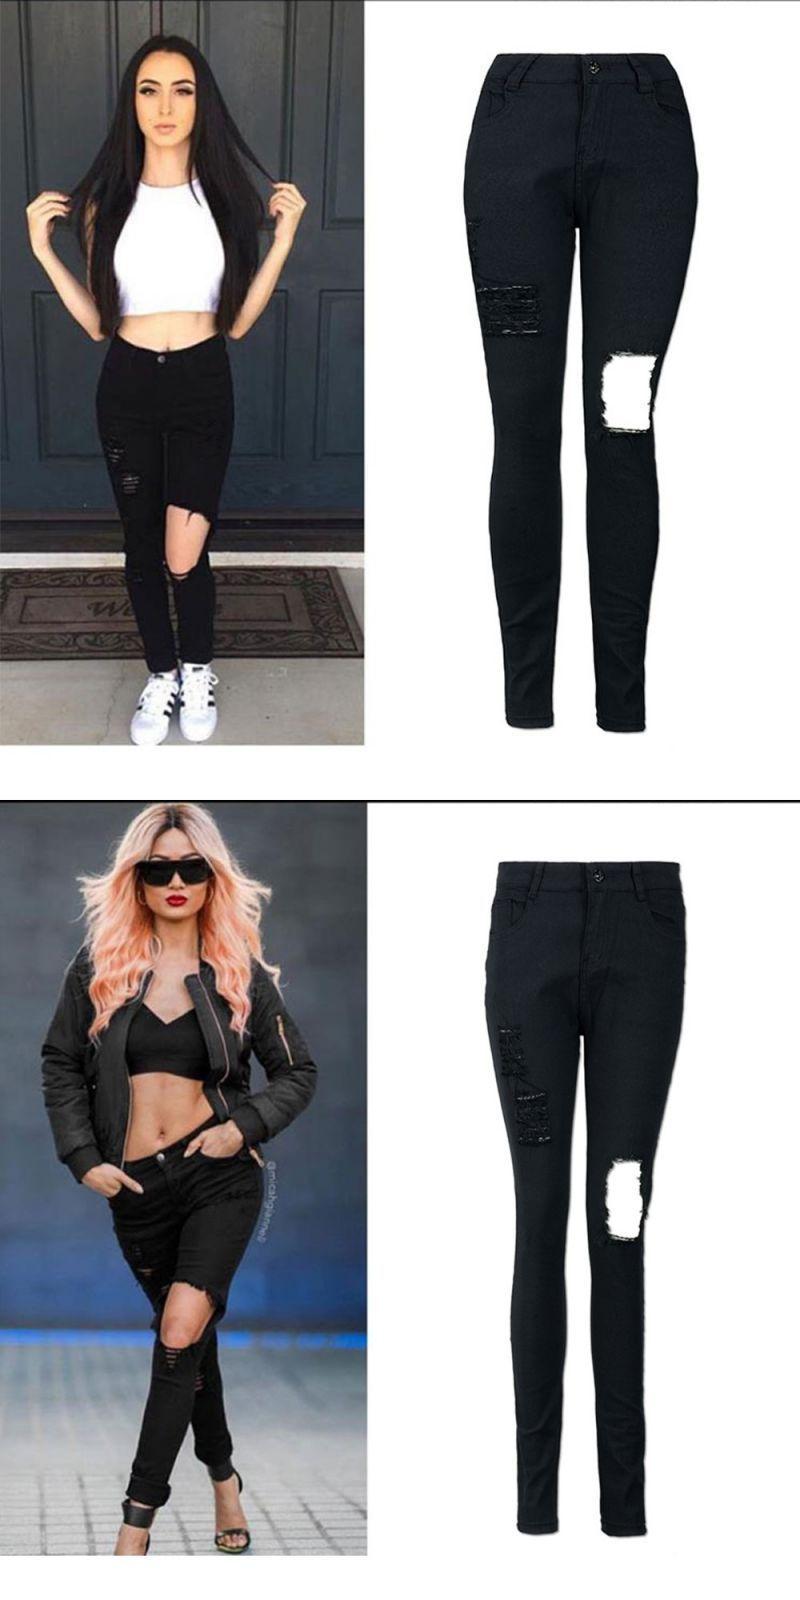 dc8804a41d81 Women s fashion high-waist solid color hole jeans skinny denim pants  stretch jeans slim black full length pencil pants  jeans  women  pencil   pants  light ...